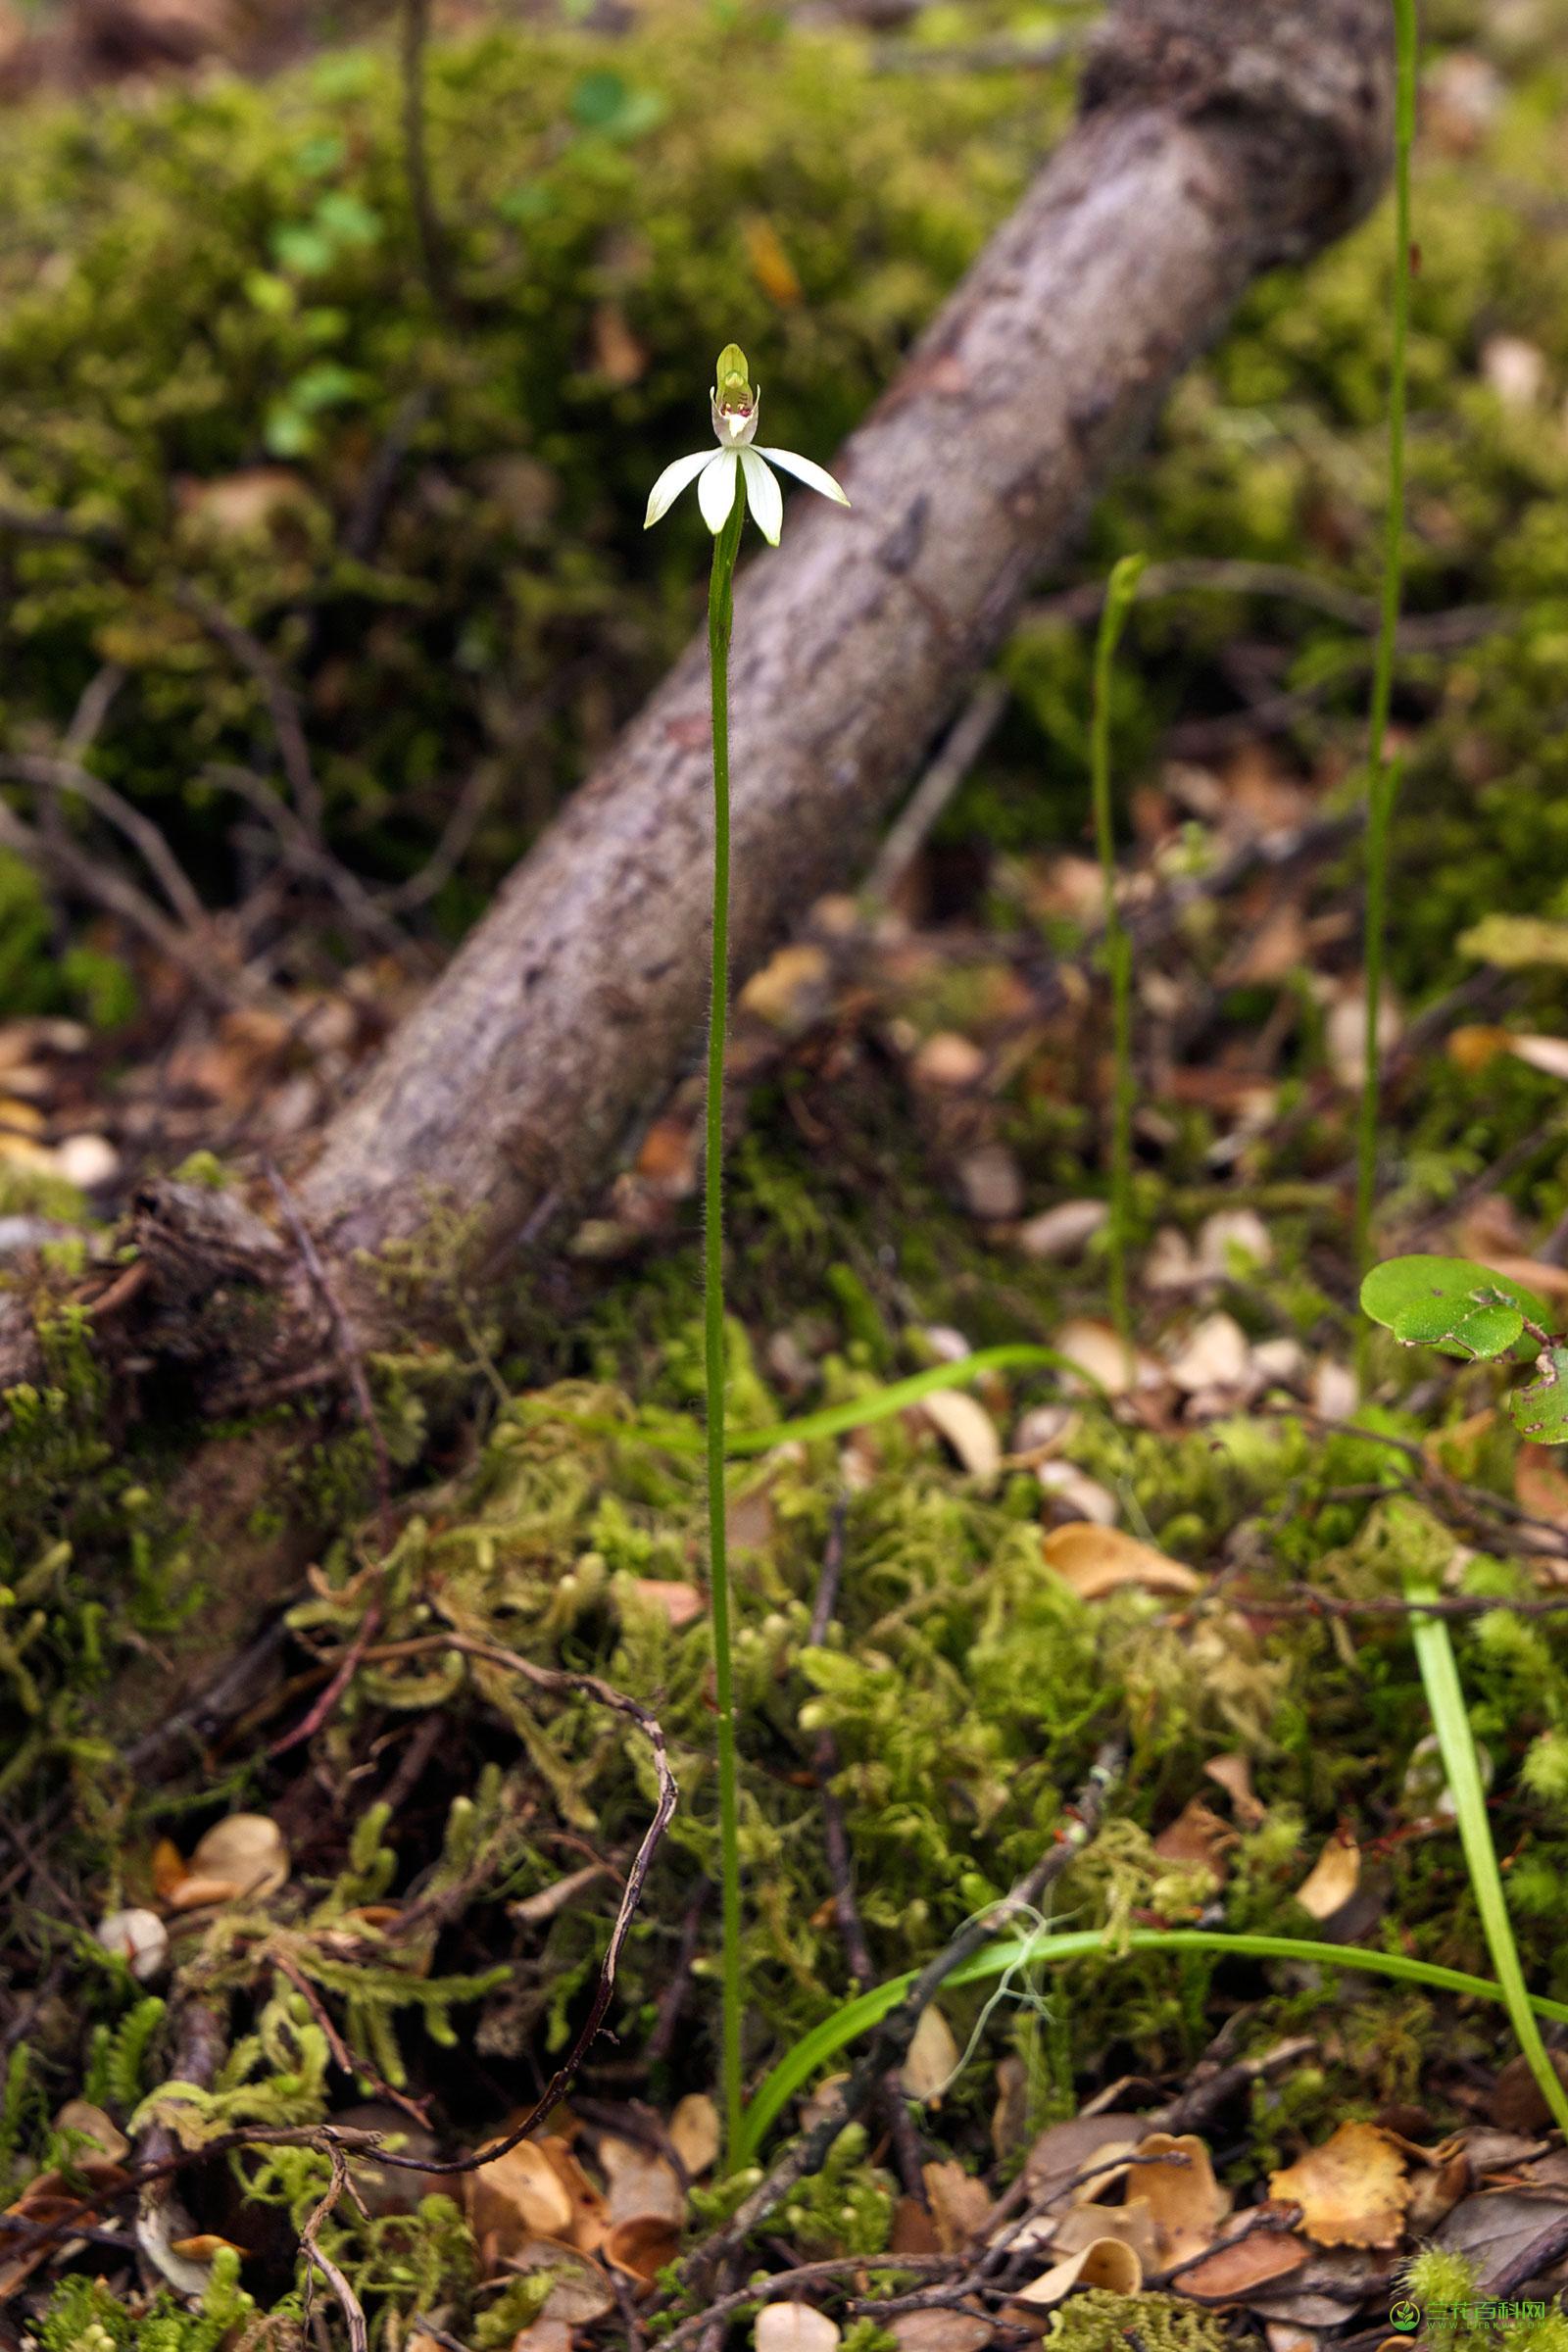 裂缘兰属Caladenia